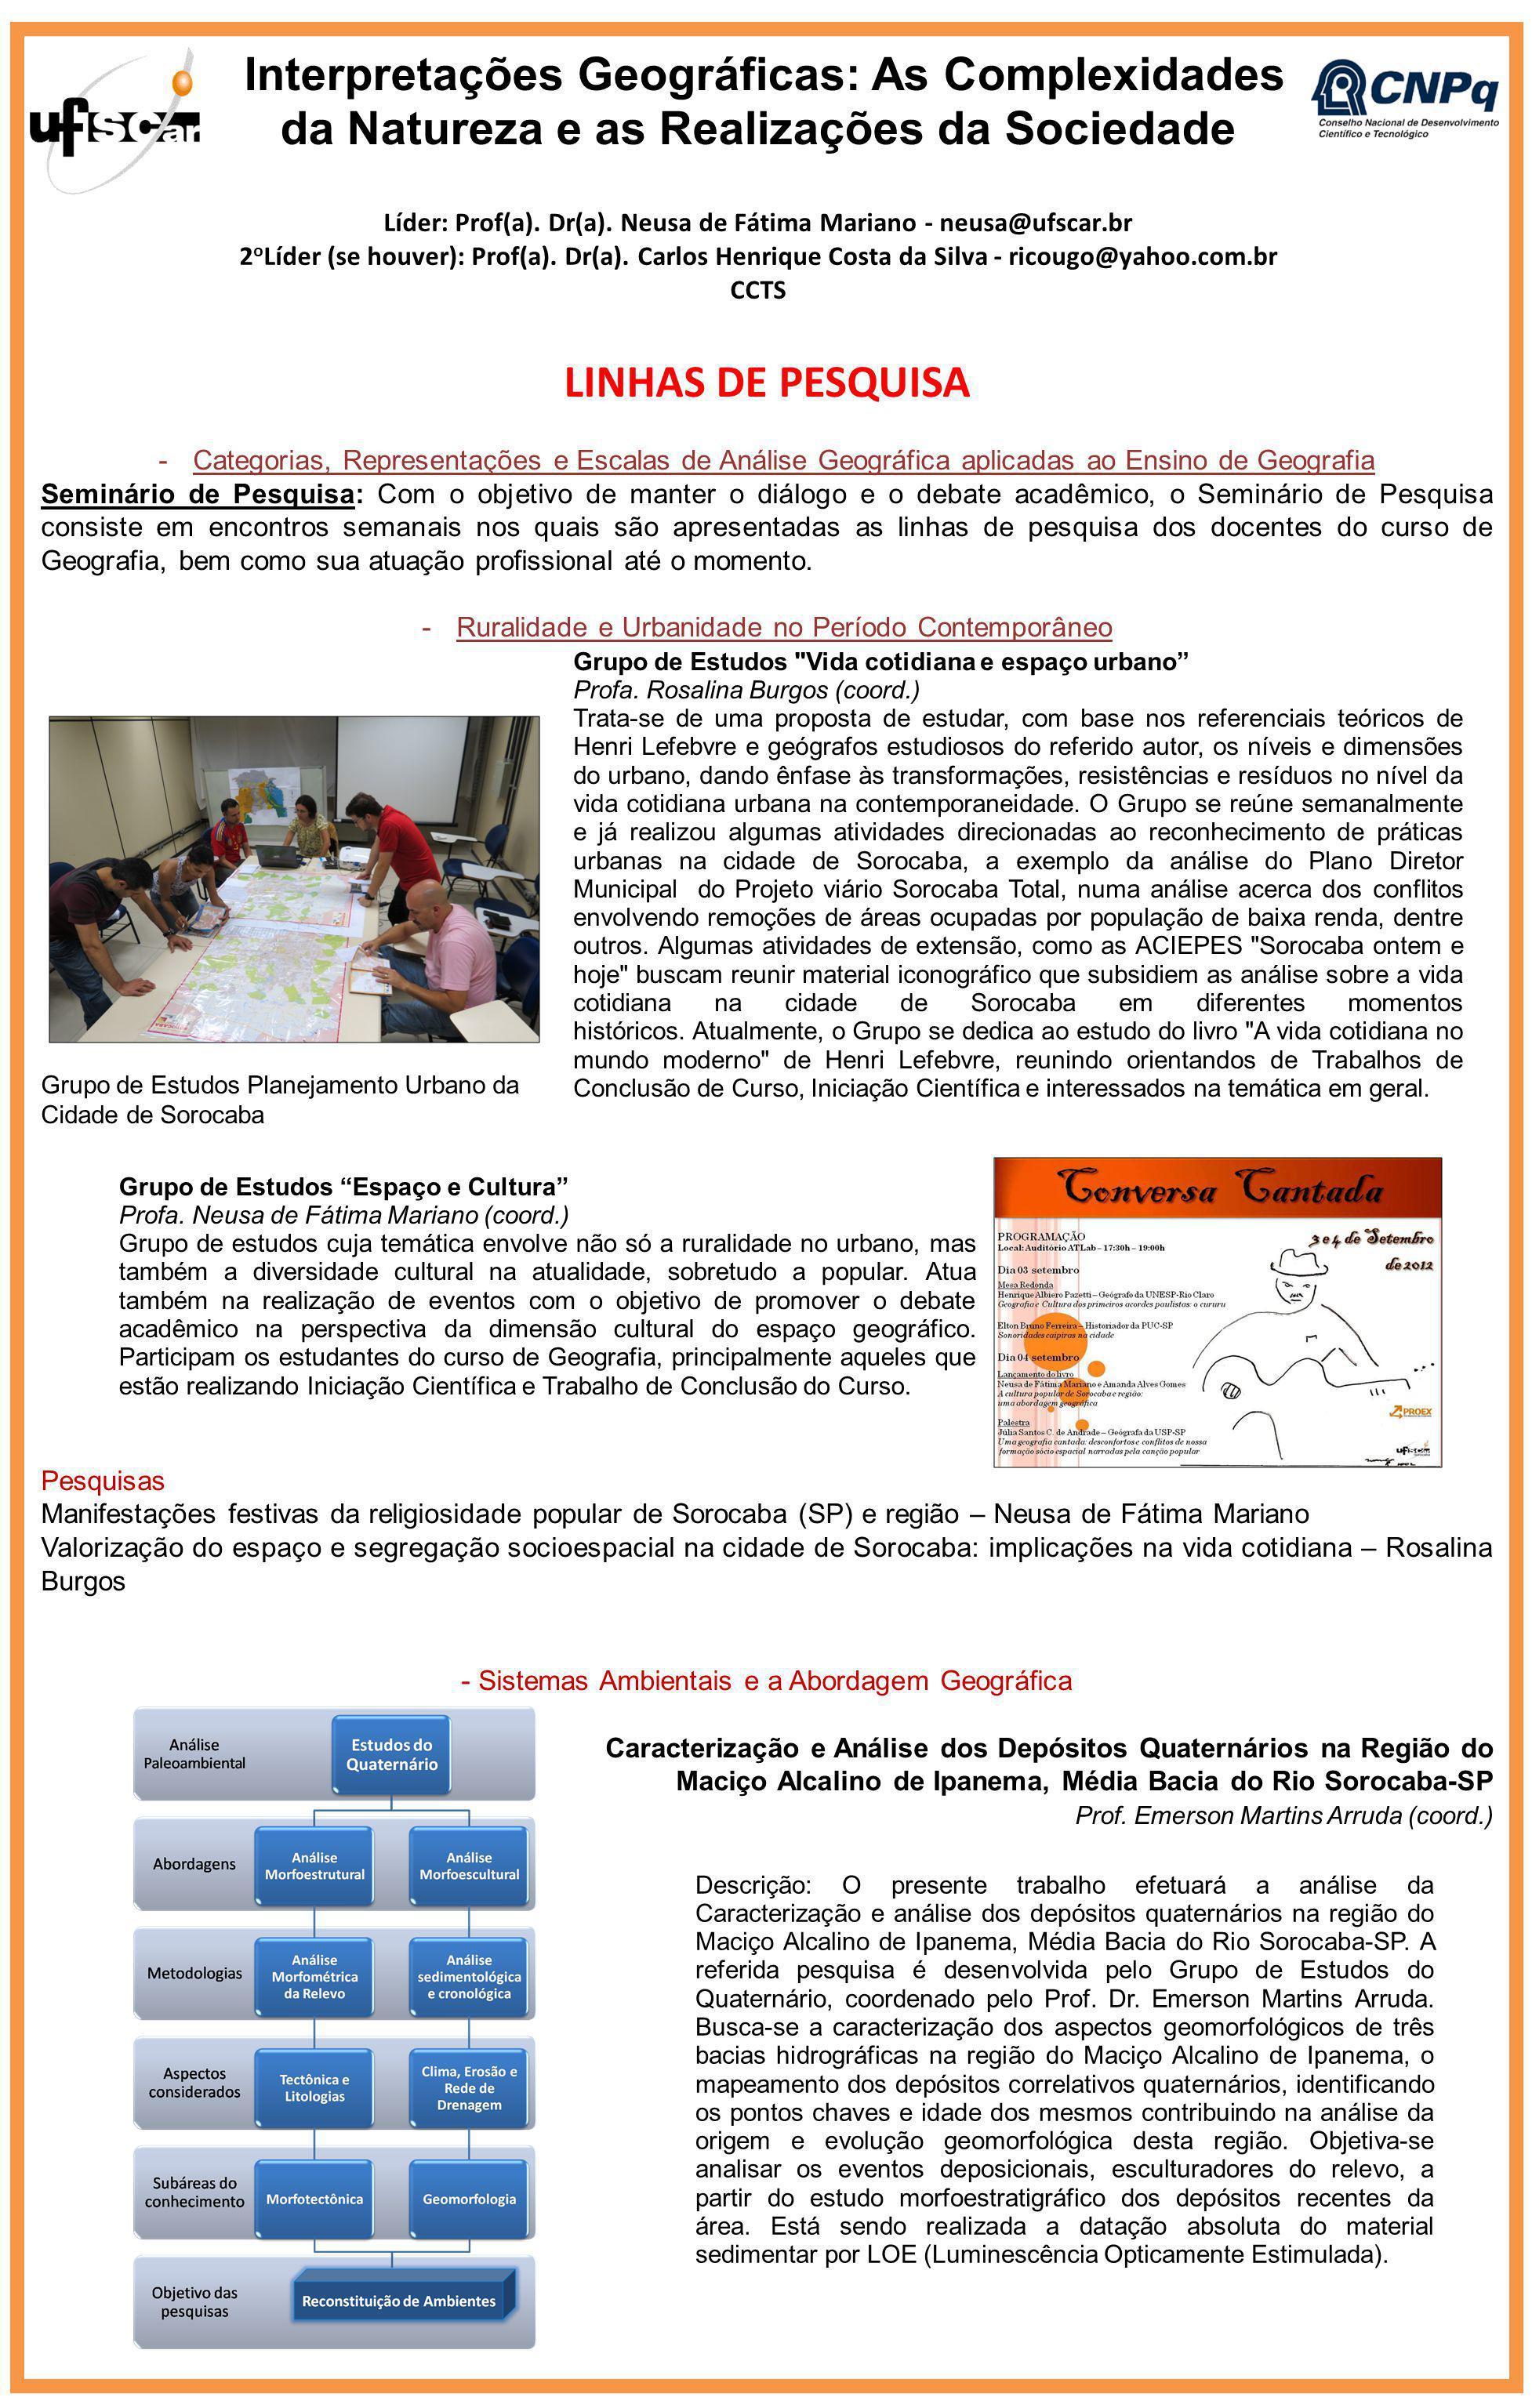 Líder: Prof(a). Dr(a). Neusa de Fátima Mariano - neusa@ufscar.br